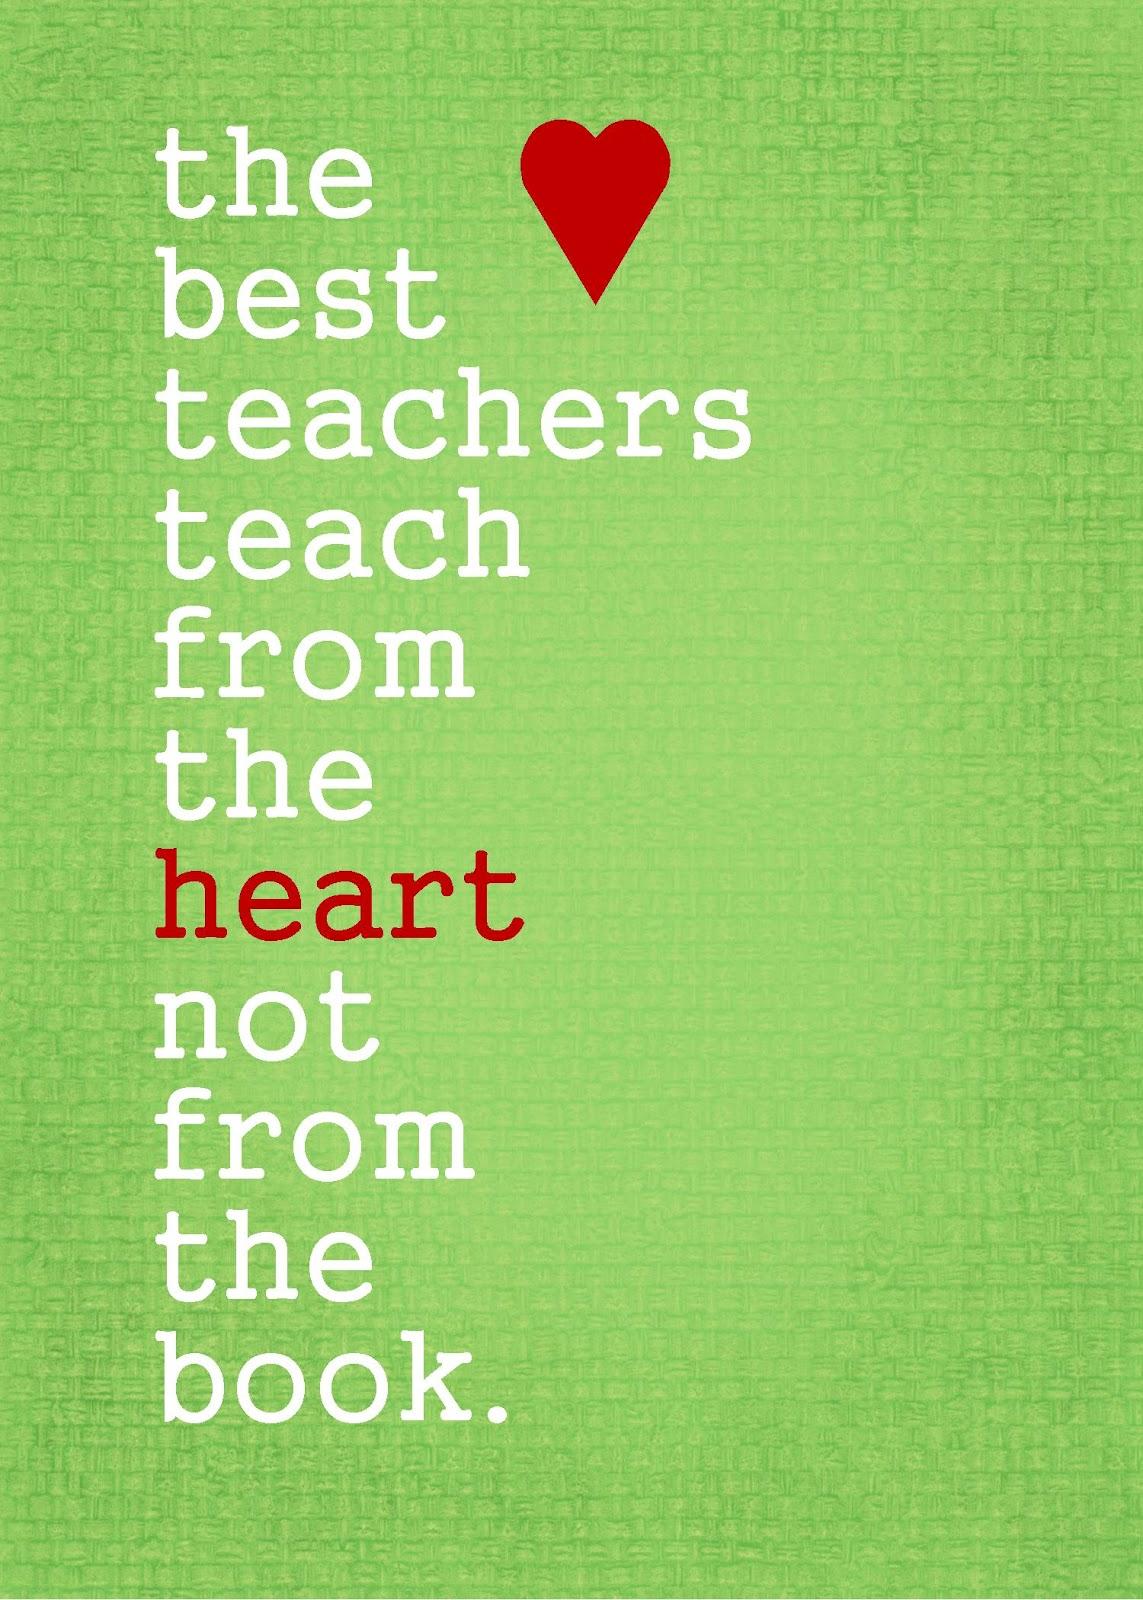 perks of being a preschool teacher goals